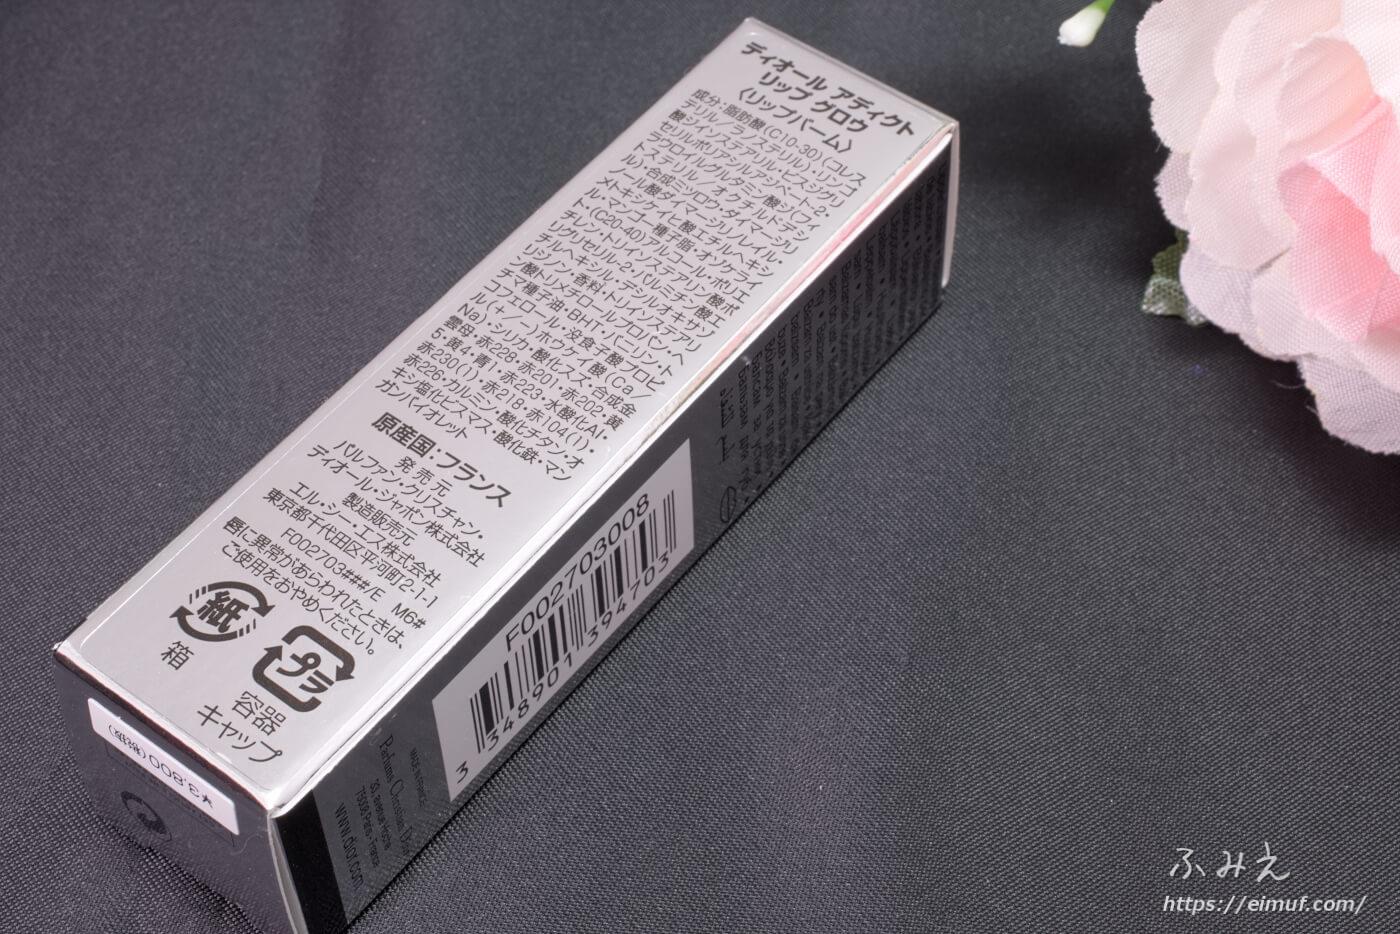 ディオールのアディクトリップグロウ#008(ウルトラピンク)パッケージ裏面